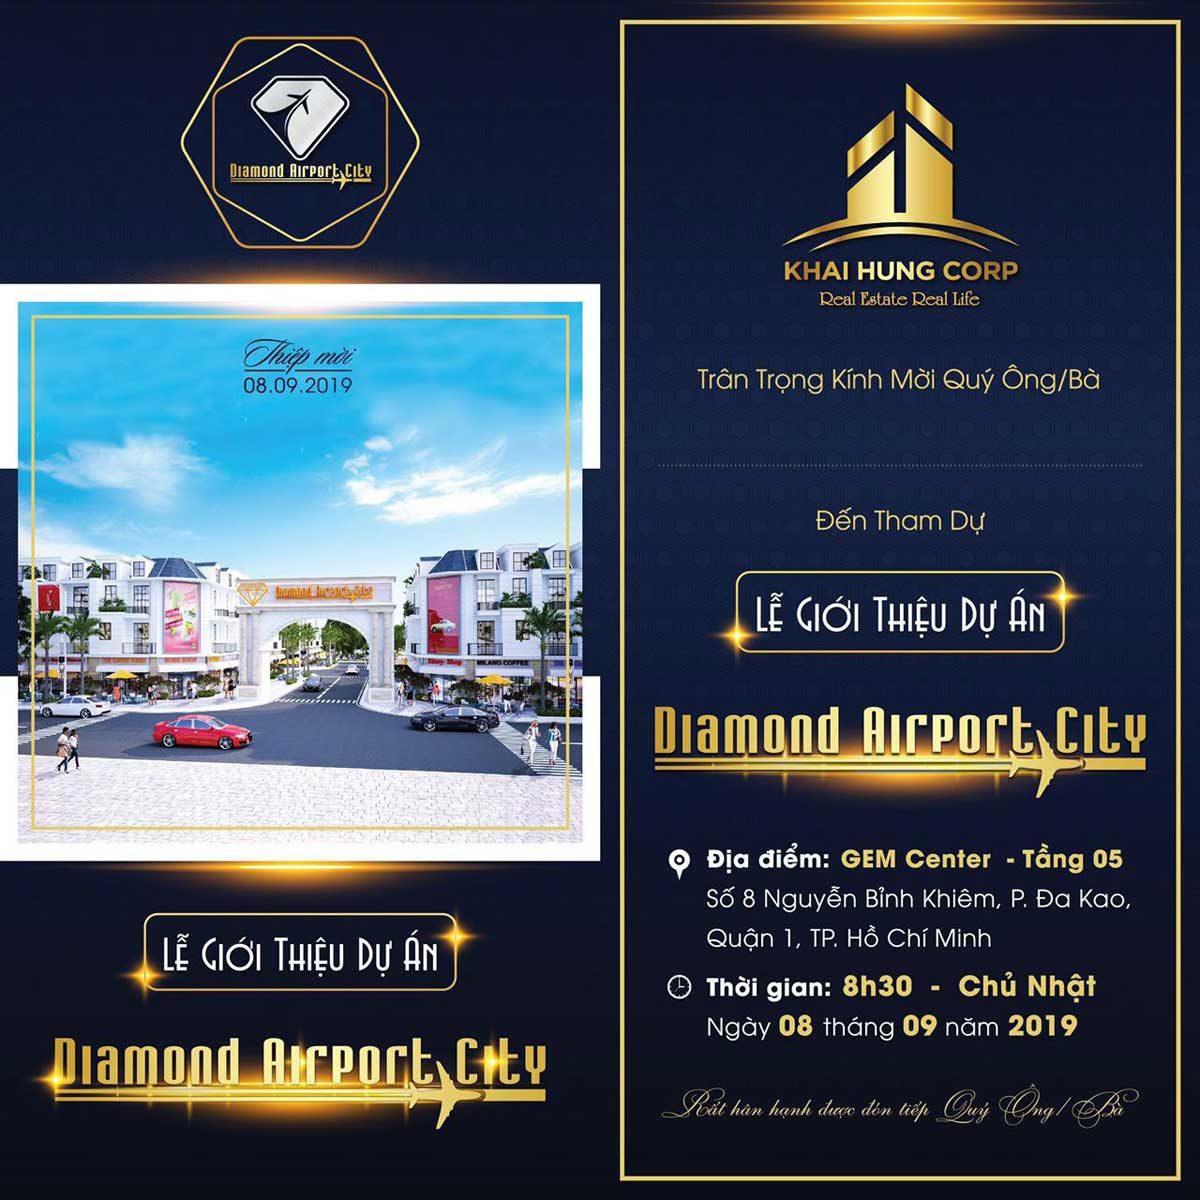 thiep moi mo ban du an diamond airport city - DỰ ÁN DIAMOND AIRPORT CITY LONG THÀNH ĐỒNG NAI